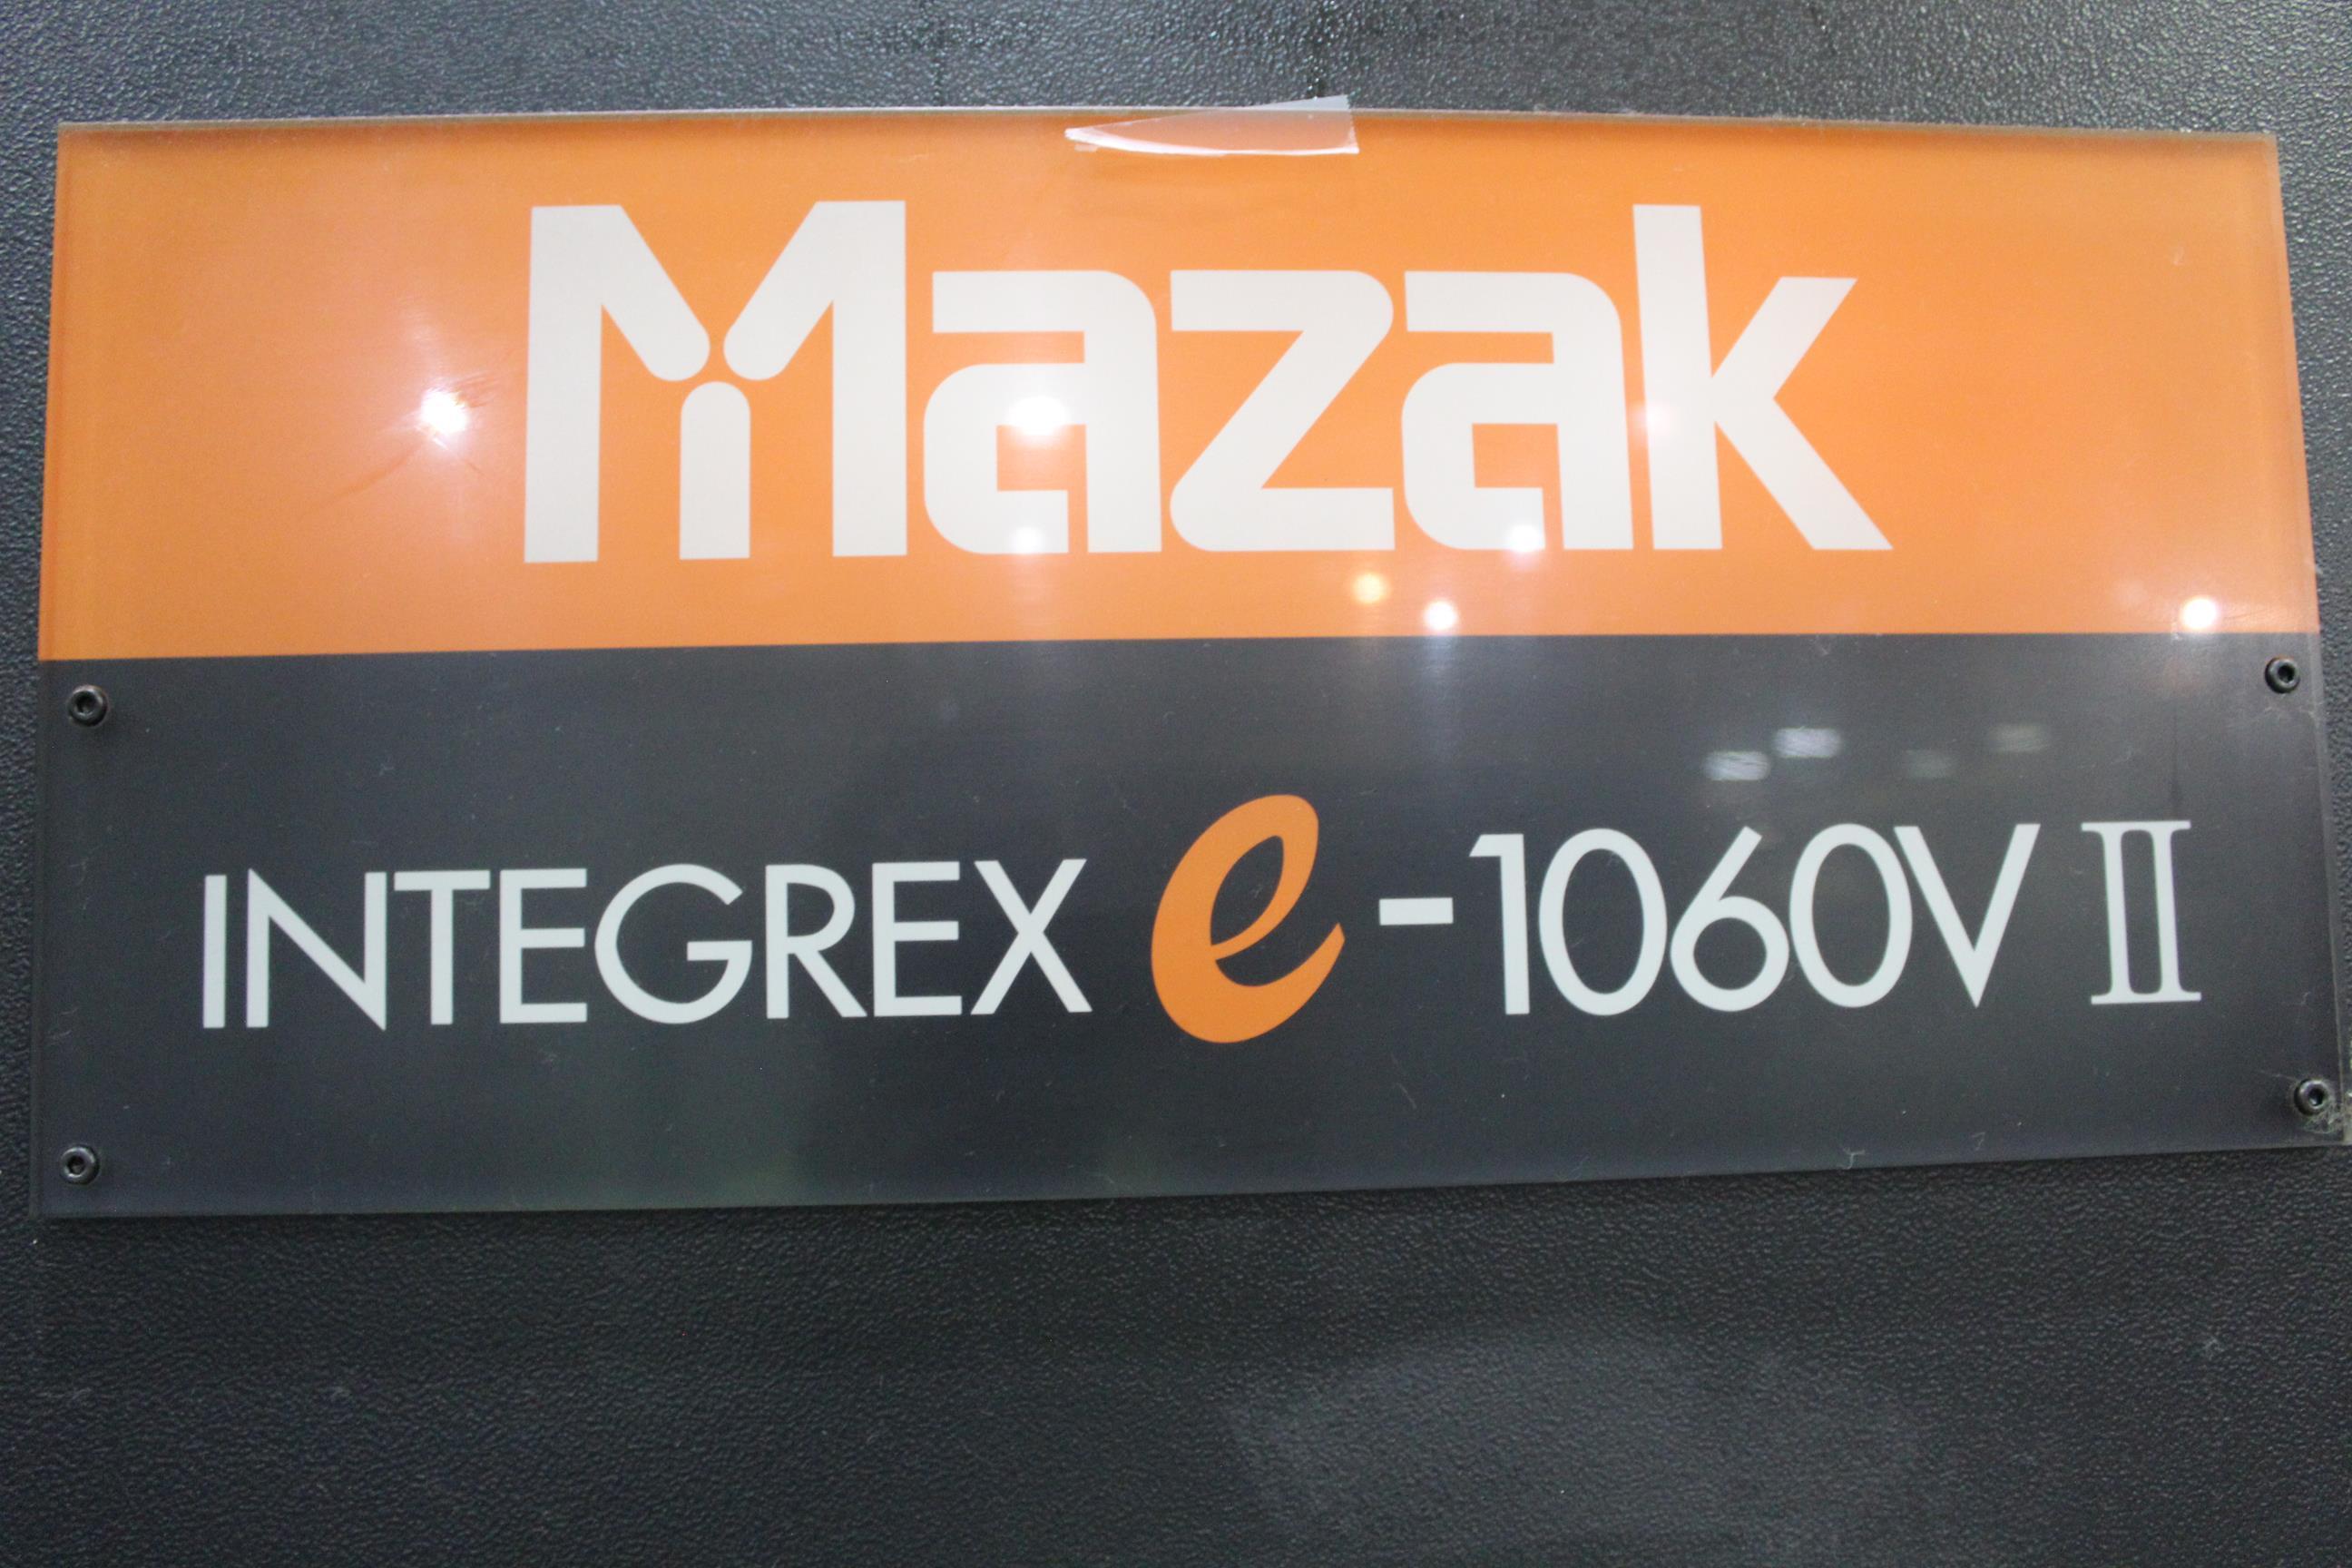 2009 Mazak (3) Integrex e-1060V/8 II with Mazak Palletech